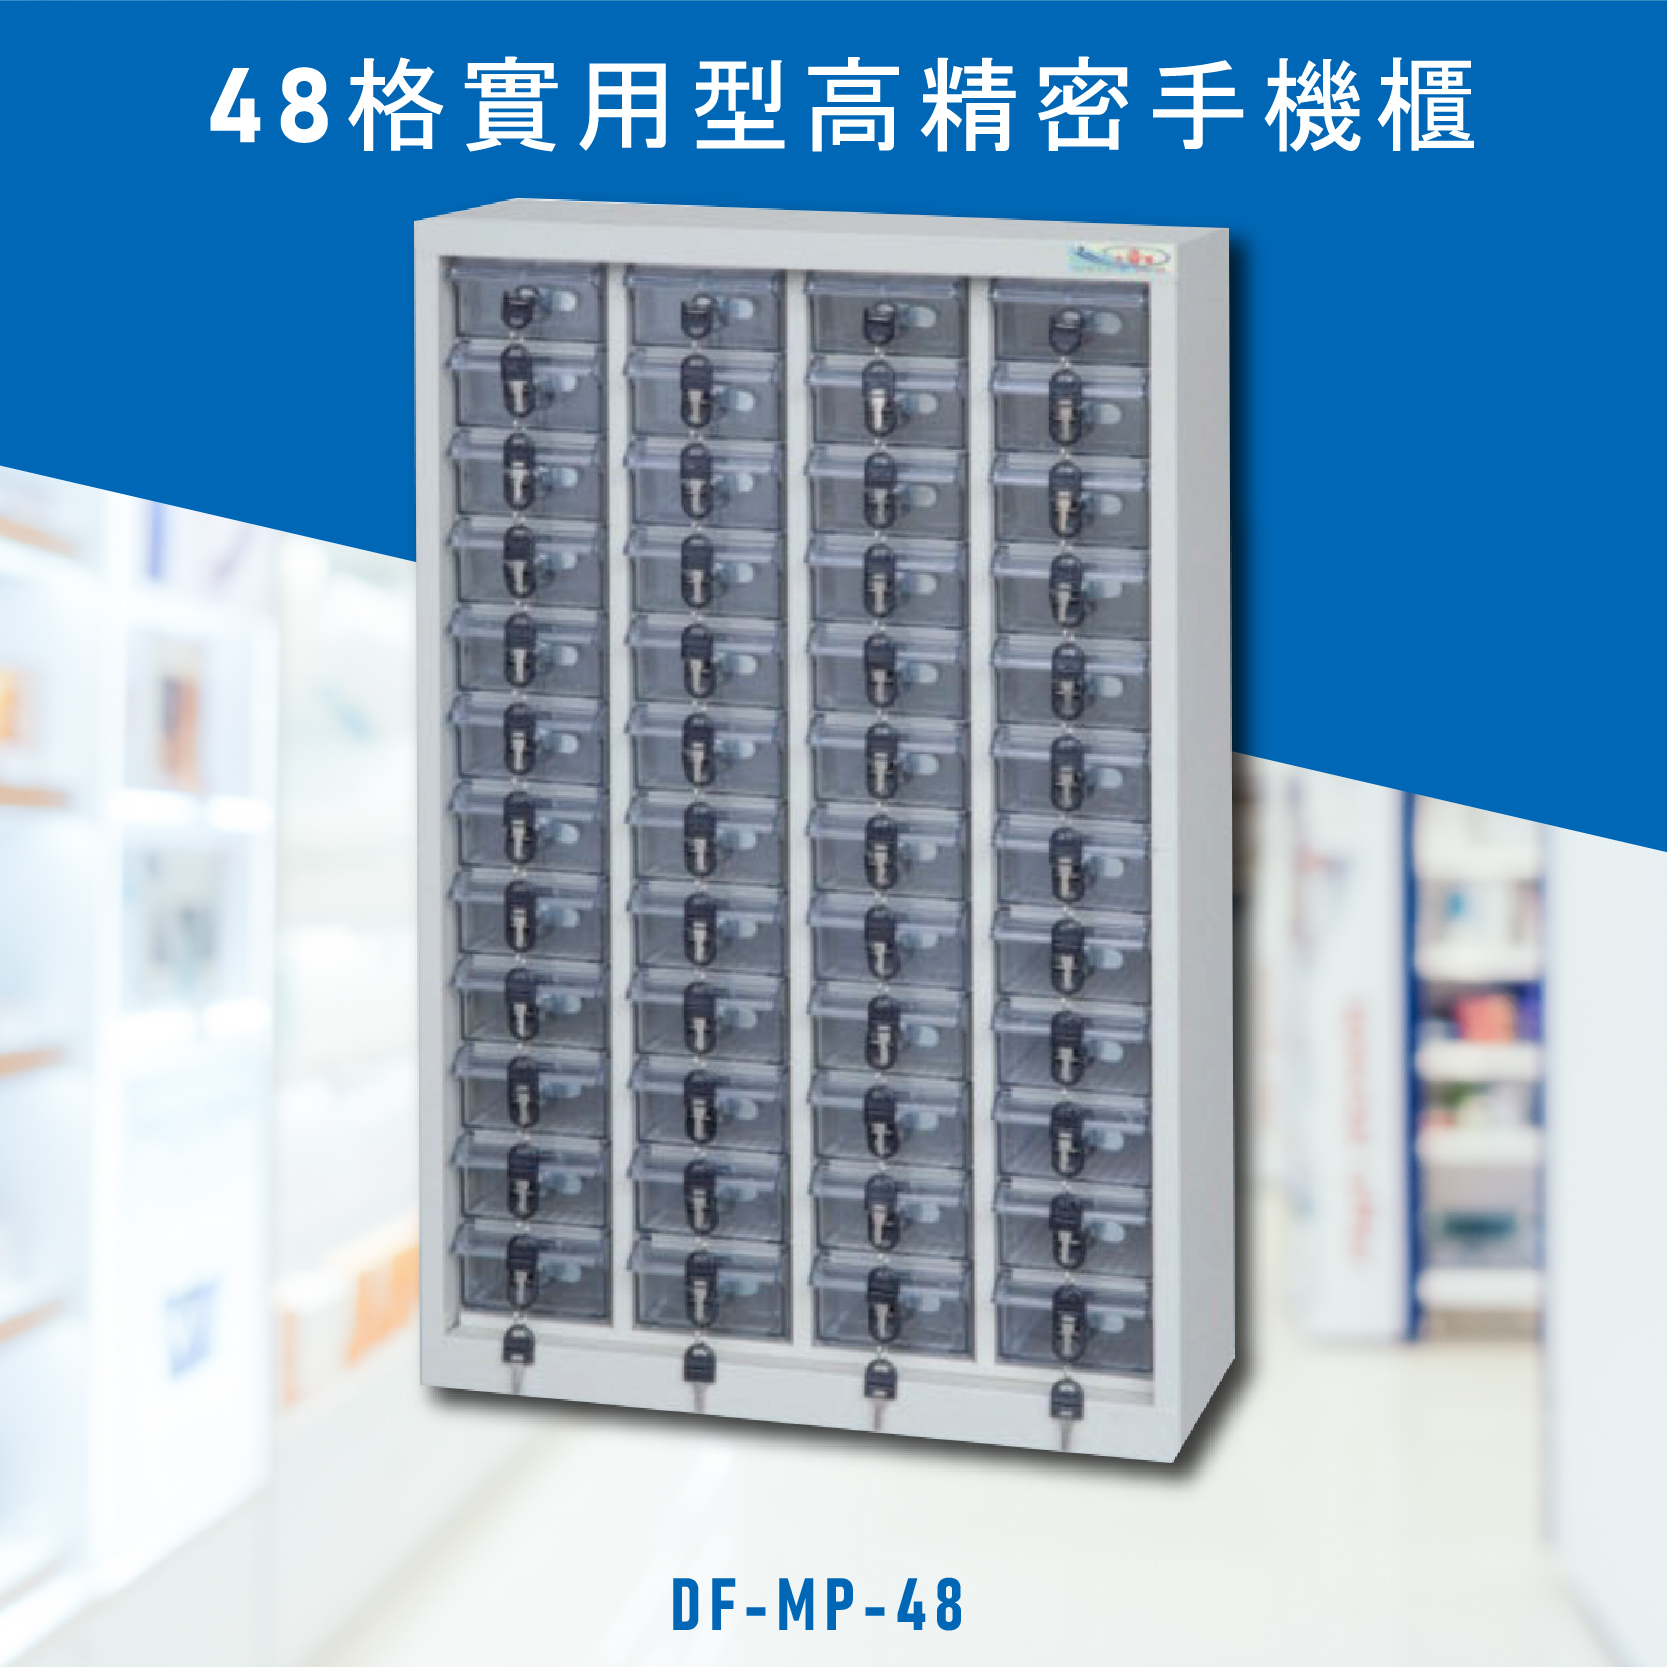 【台灣製造】大富 實用型高精密零件櫃 DF-MP-48 收納櫃 置物櫃 公文櫃 專利設計 收納櫃 手機櫃